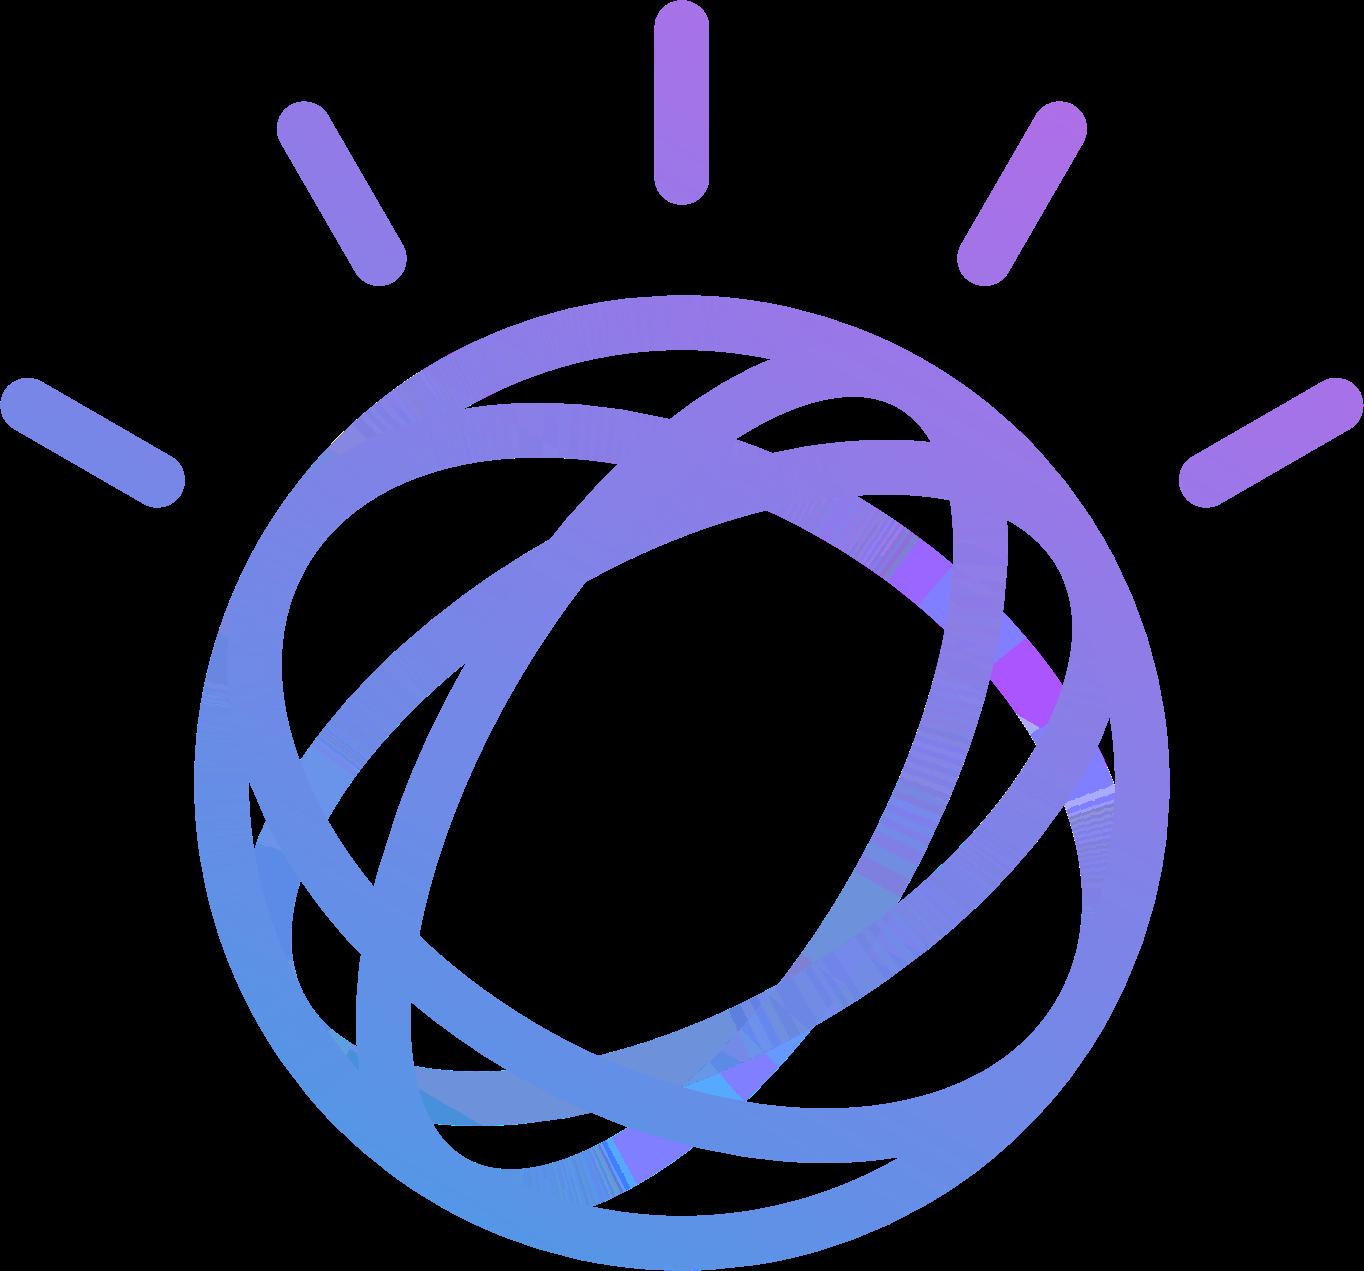 Внимание, Хабрахабр: IBM открывает бесплатный доступ к большому количеству своих ресурсов - 1